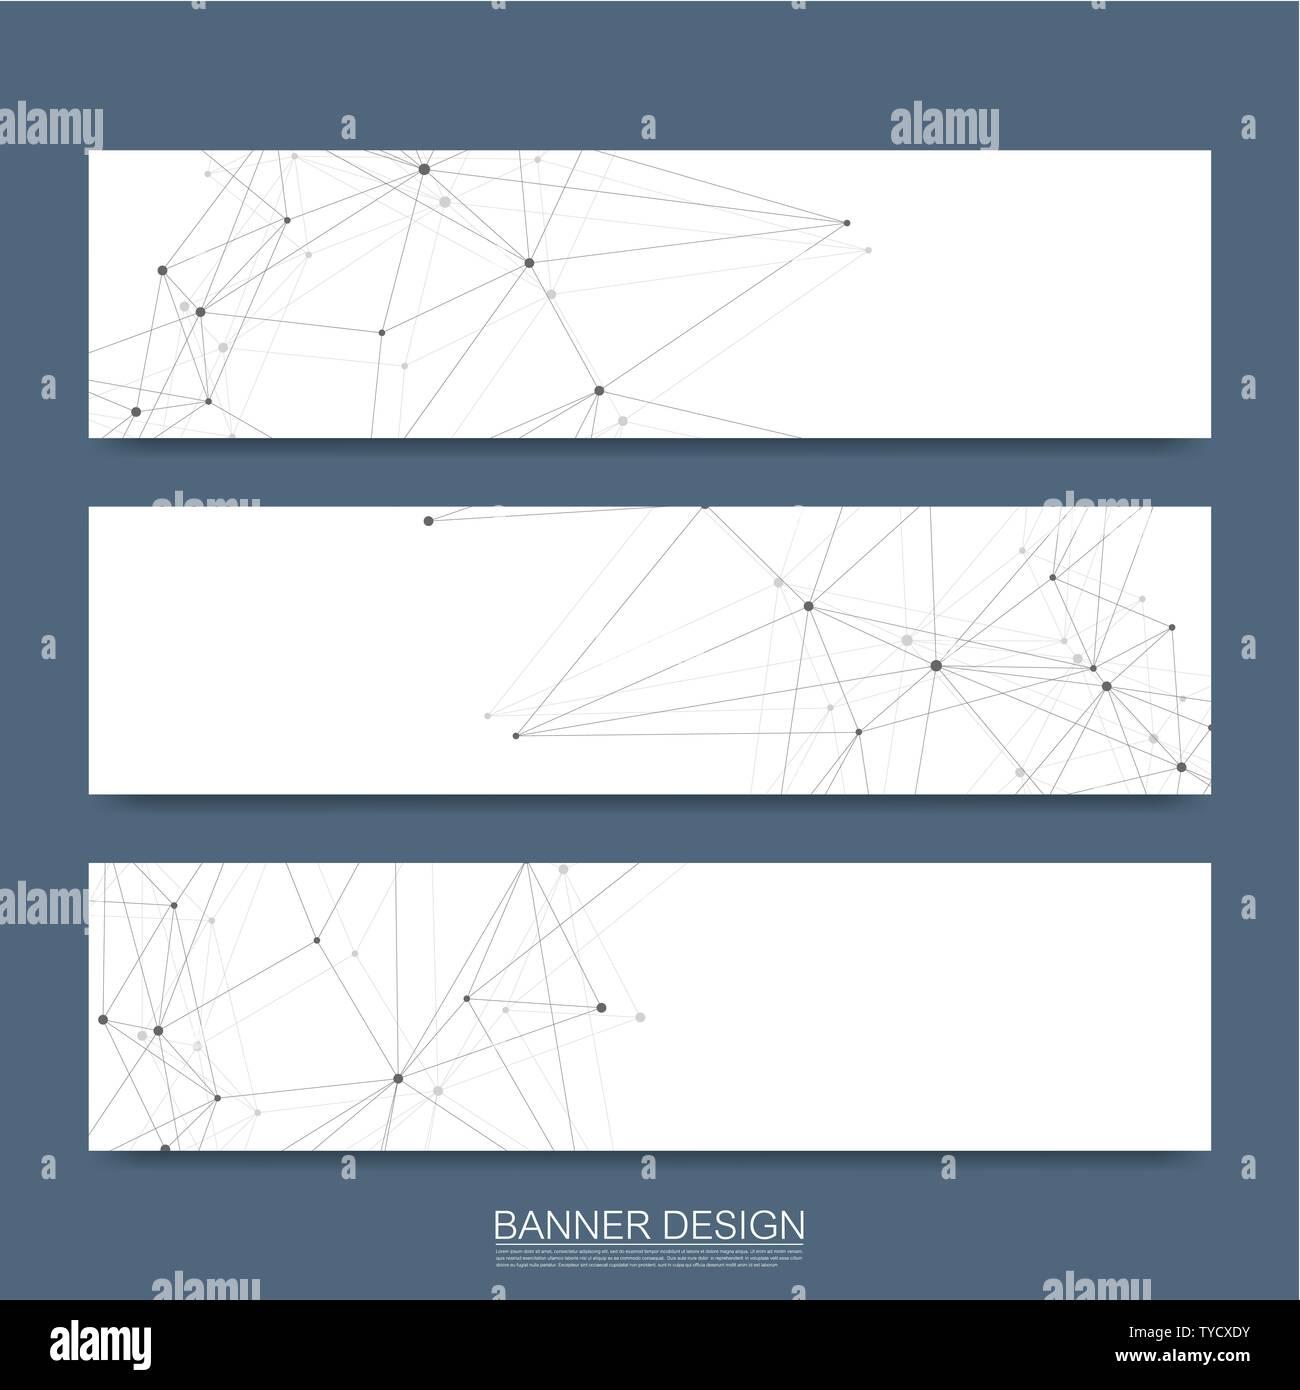 Molécules abstraites avec bannières lignes, points, cercles, polygones. Arrière-plan de communication réseau conception de scénario. Digital science futuriste Illustration de Vecteur